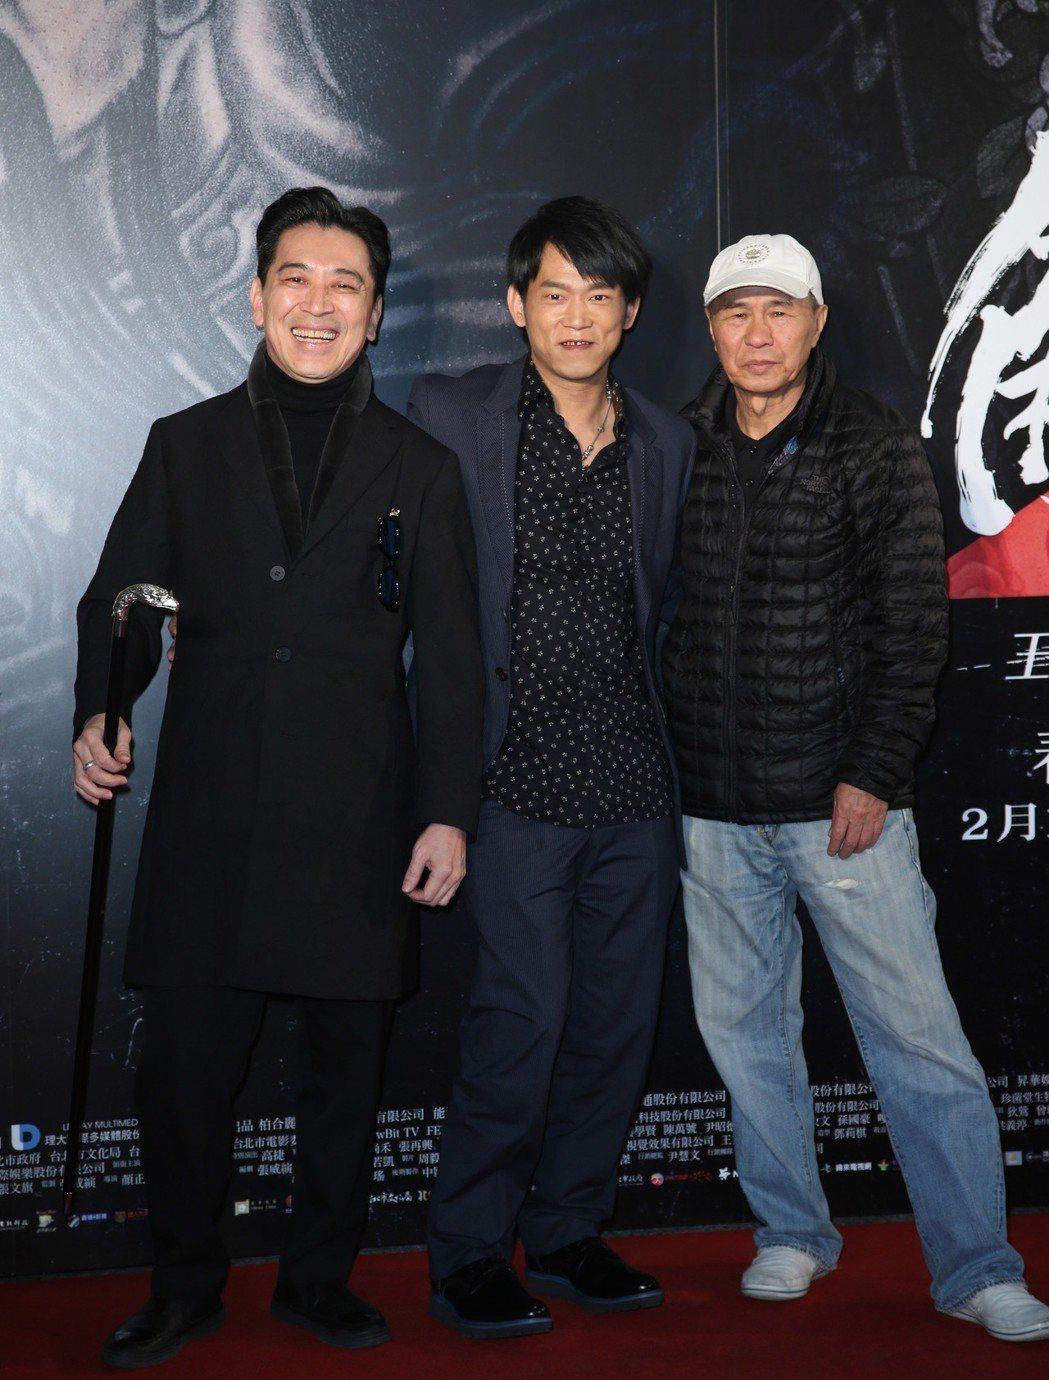 高捷(左起)、導演顏正國、侯孝賢出席電影「角頭2」首映會。記者陳瑞源/攝影